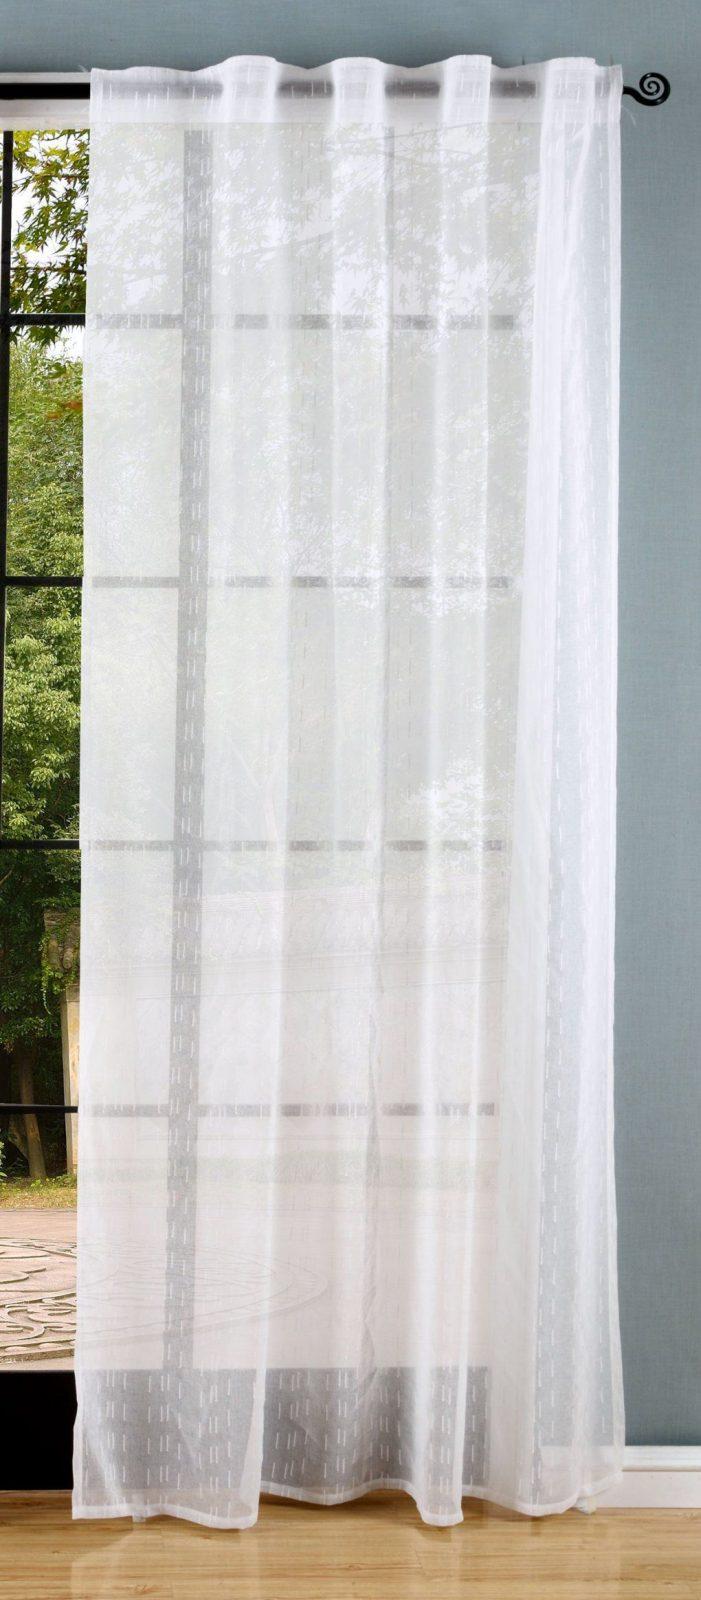 Gardine Webstruktur Leinen Optik Transparent Verdeckte Schlaufen von Gardinen Mit Verdeckten Schlaufen Bild